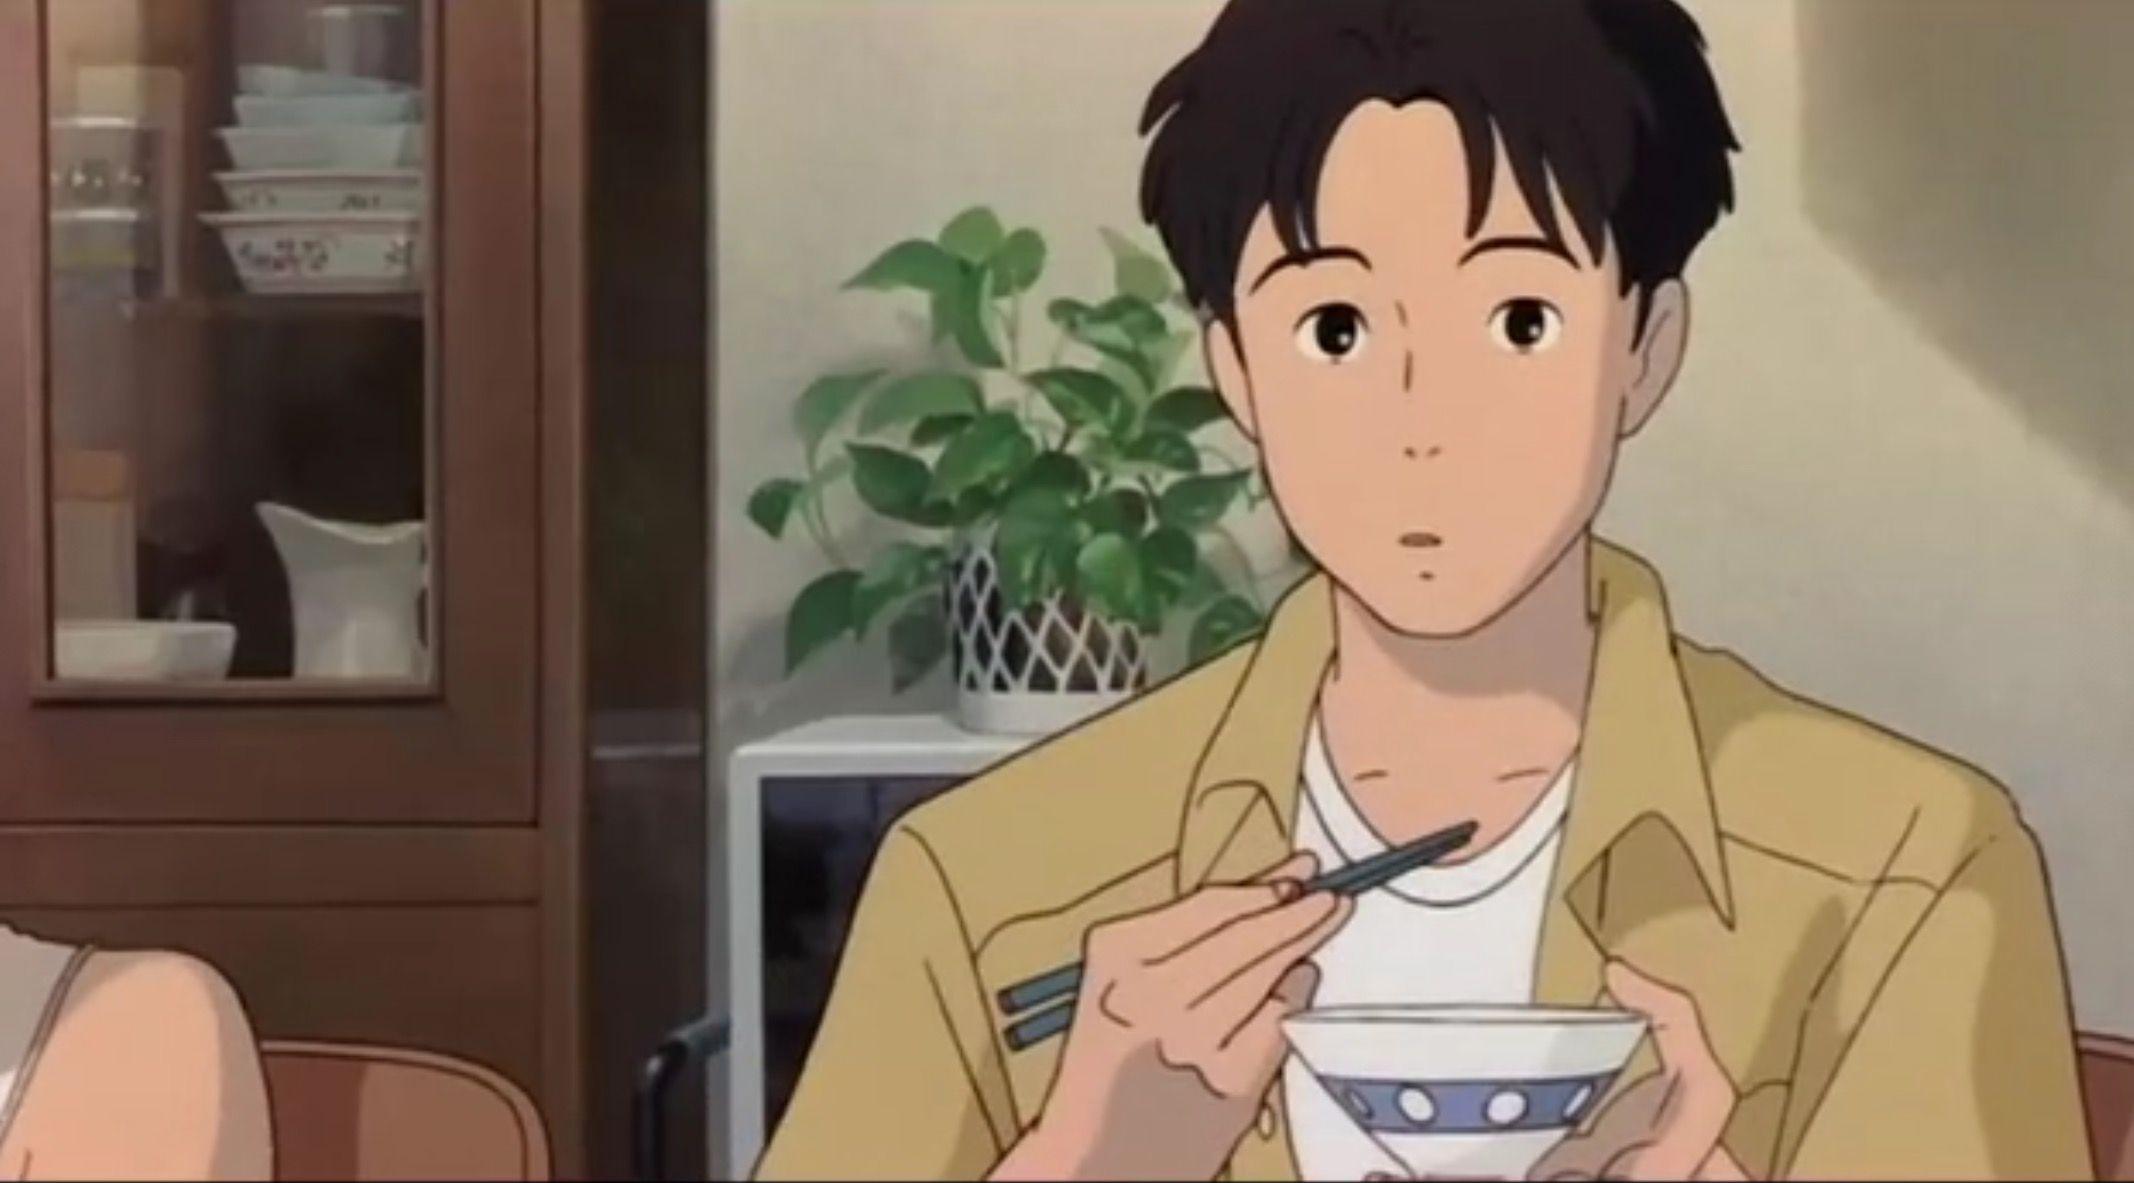 海がきこえる Aesthetic anime, 90s anime, Cartoon art